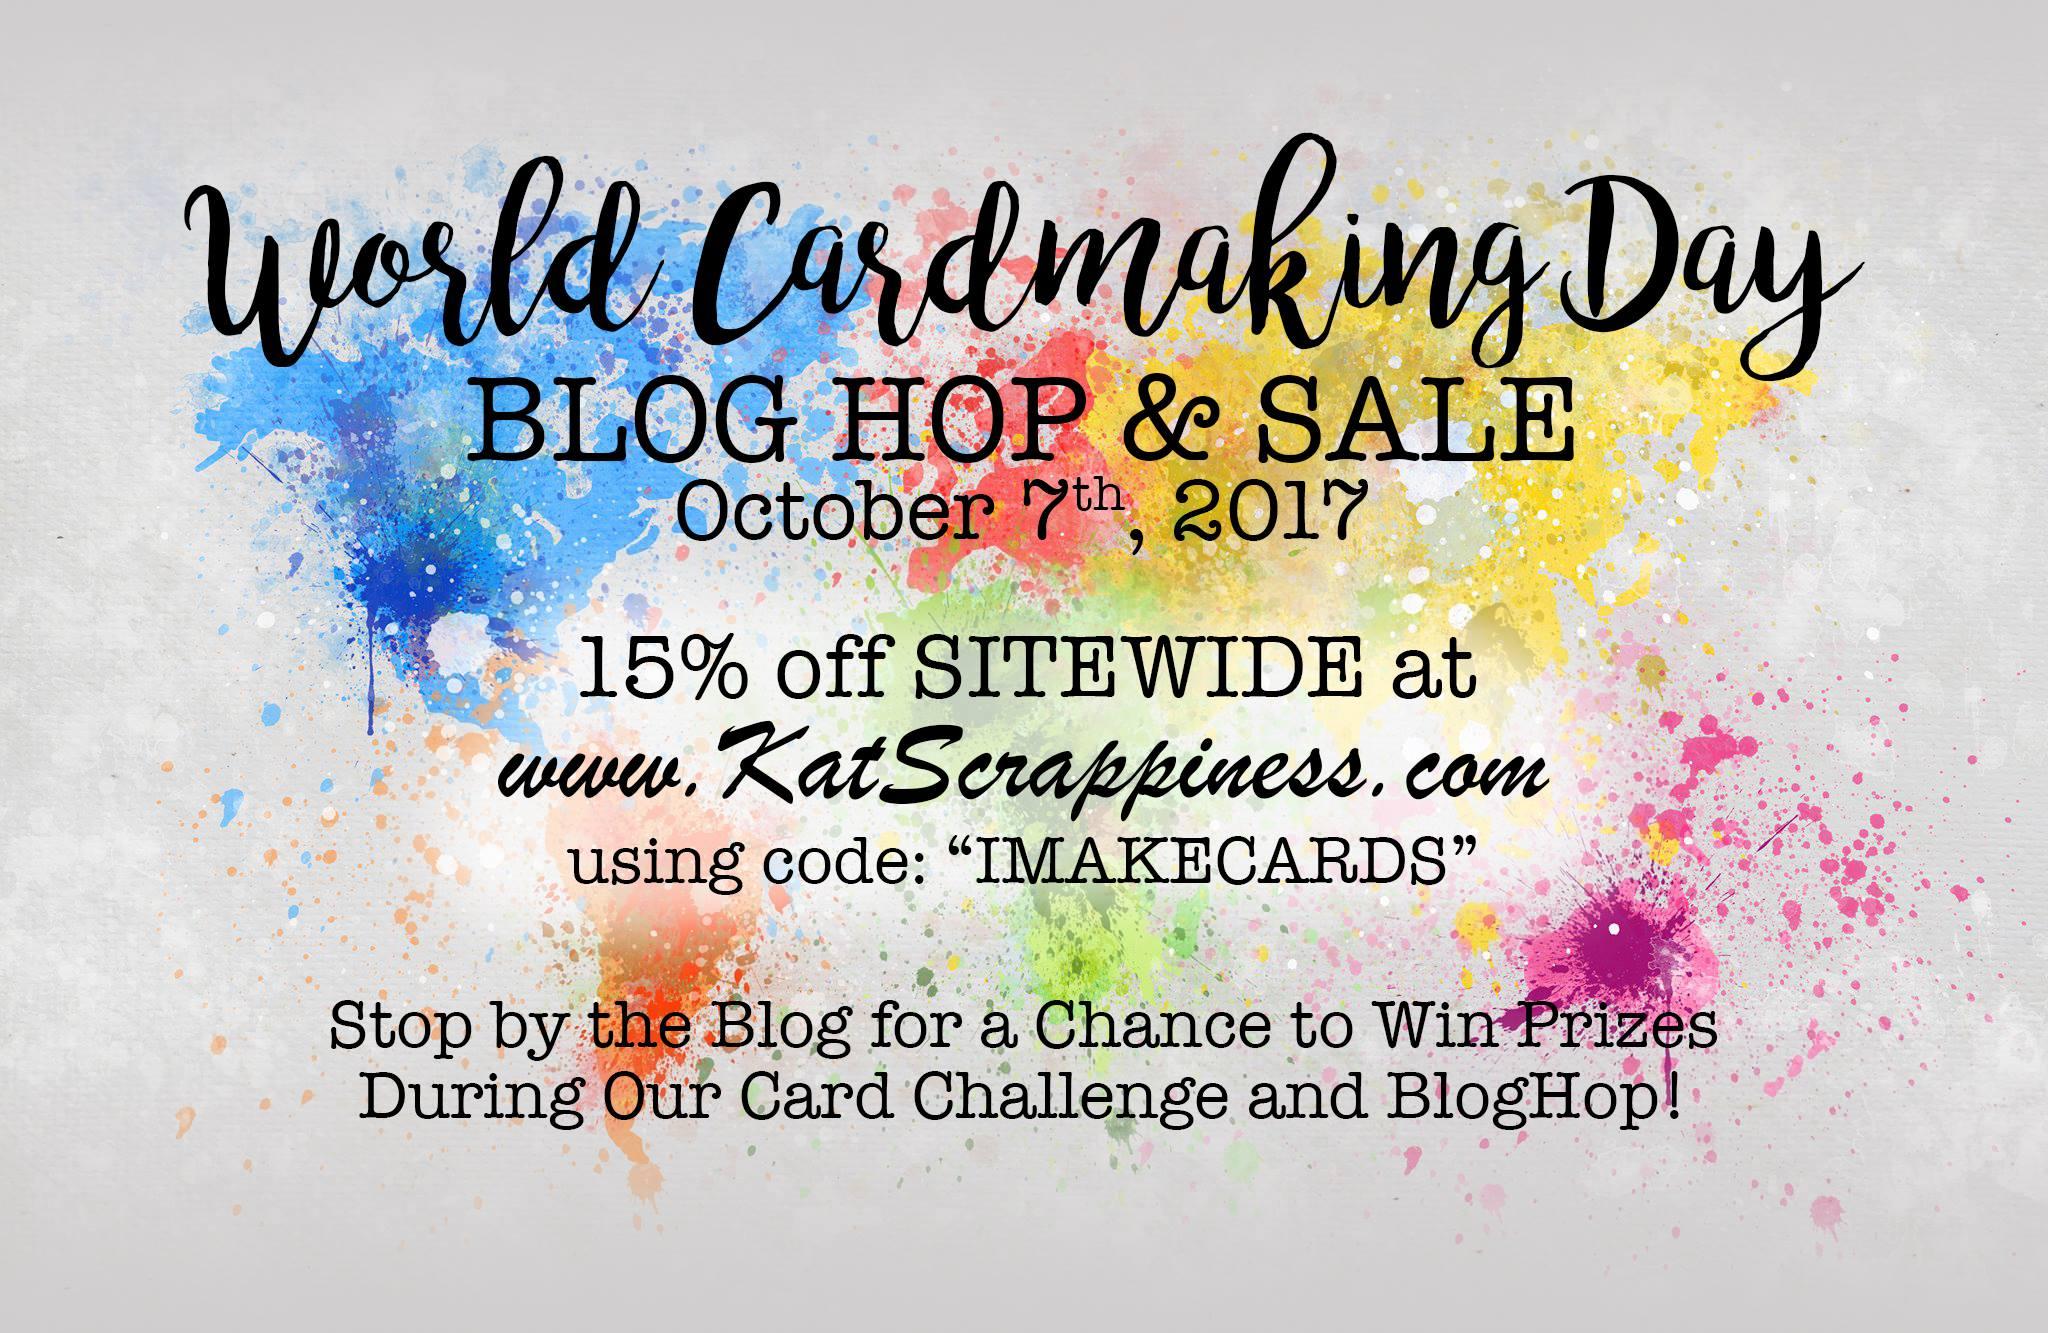 KatScrap Worldcardmaking Day Sale Image